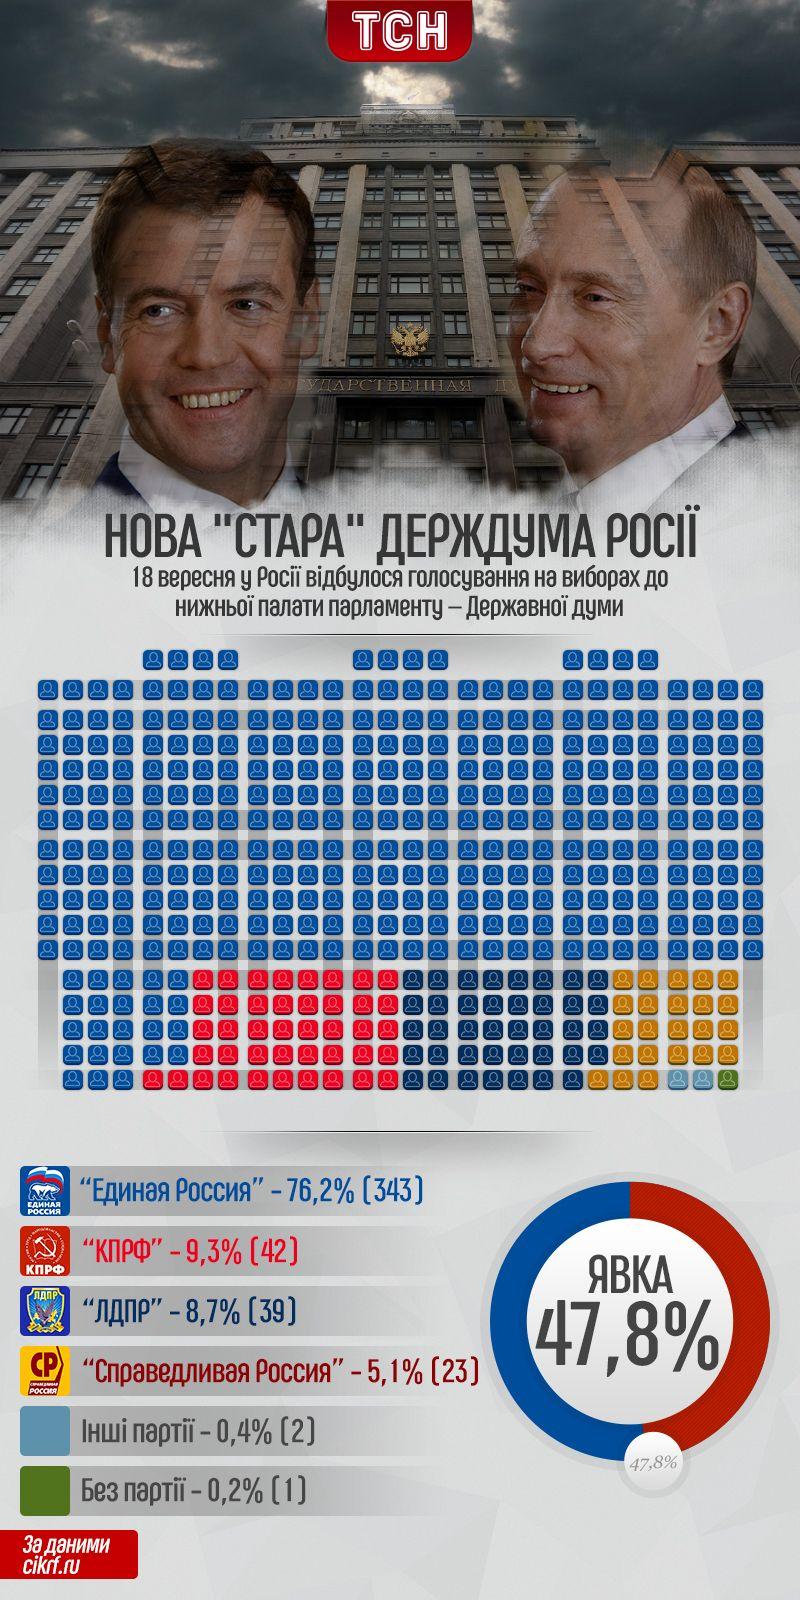 Вибори до Держдуми Росії, інфографіка